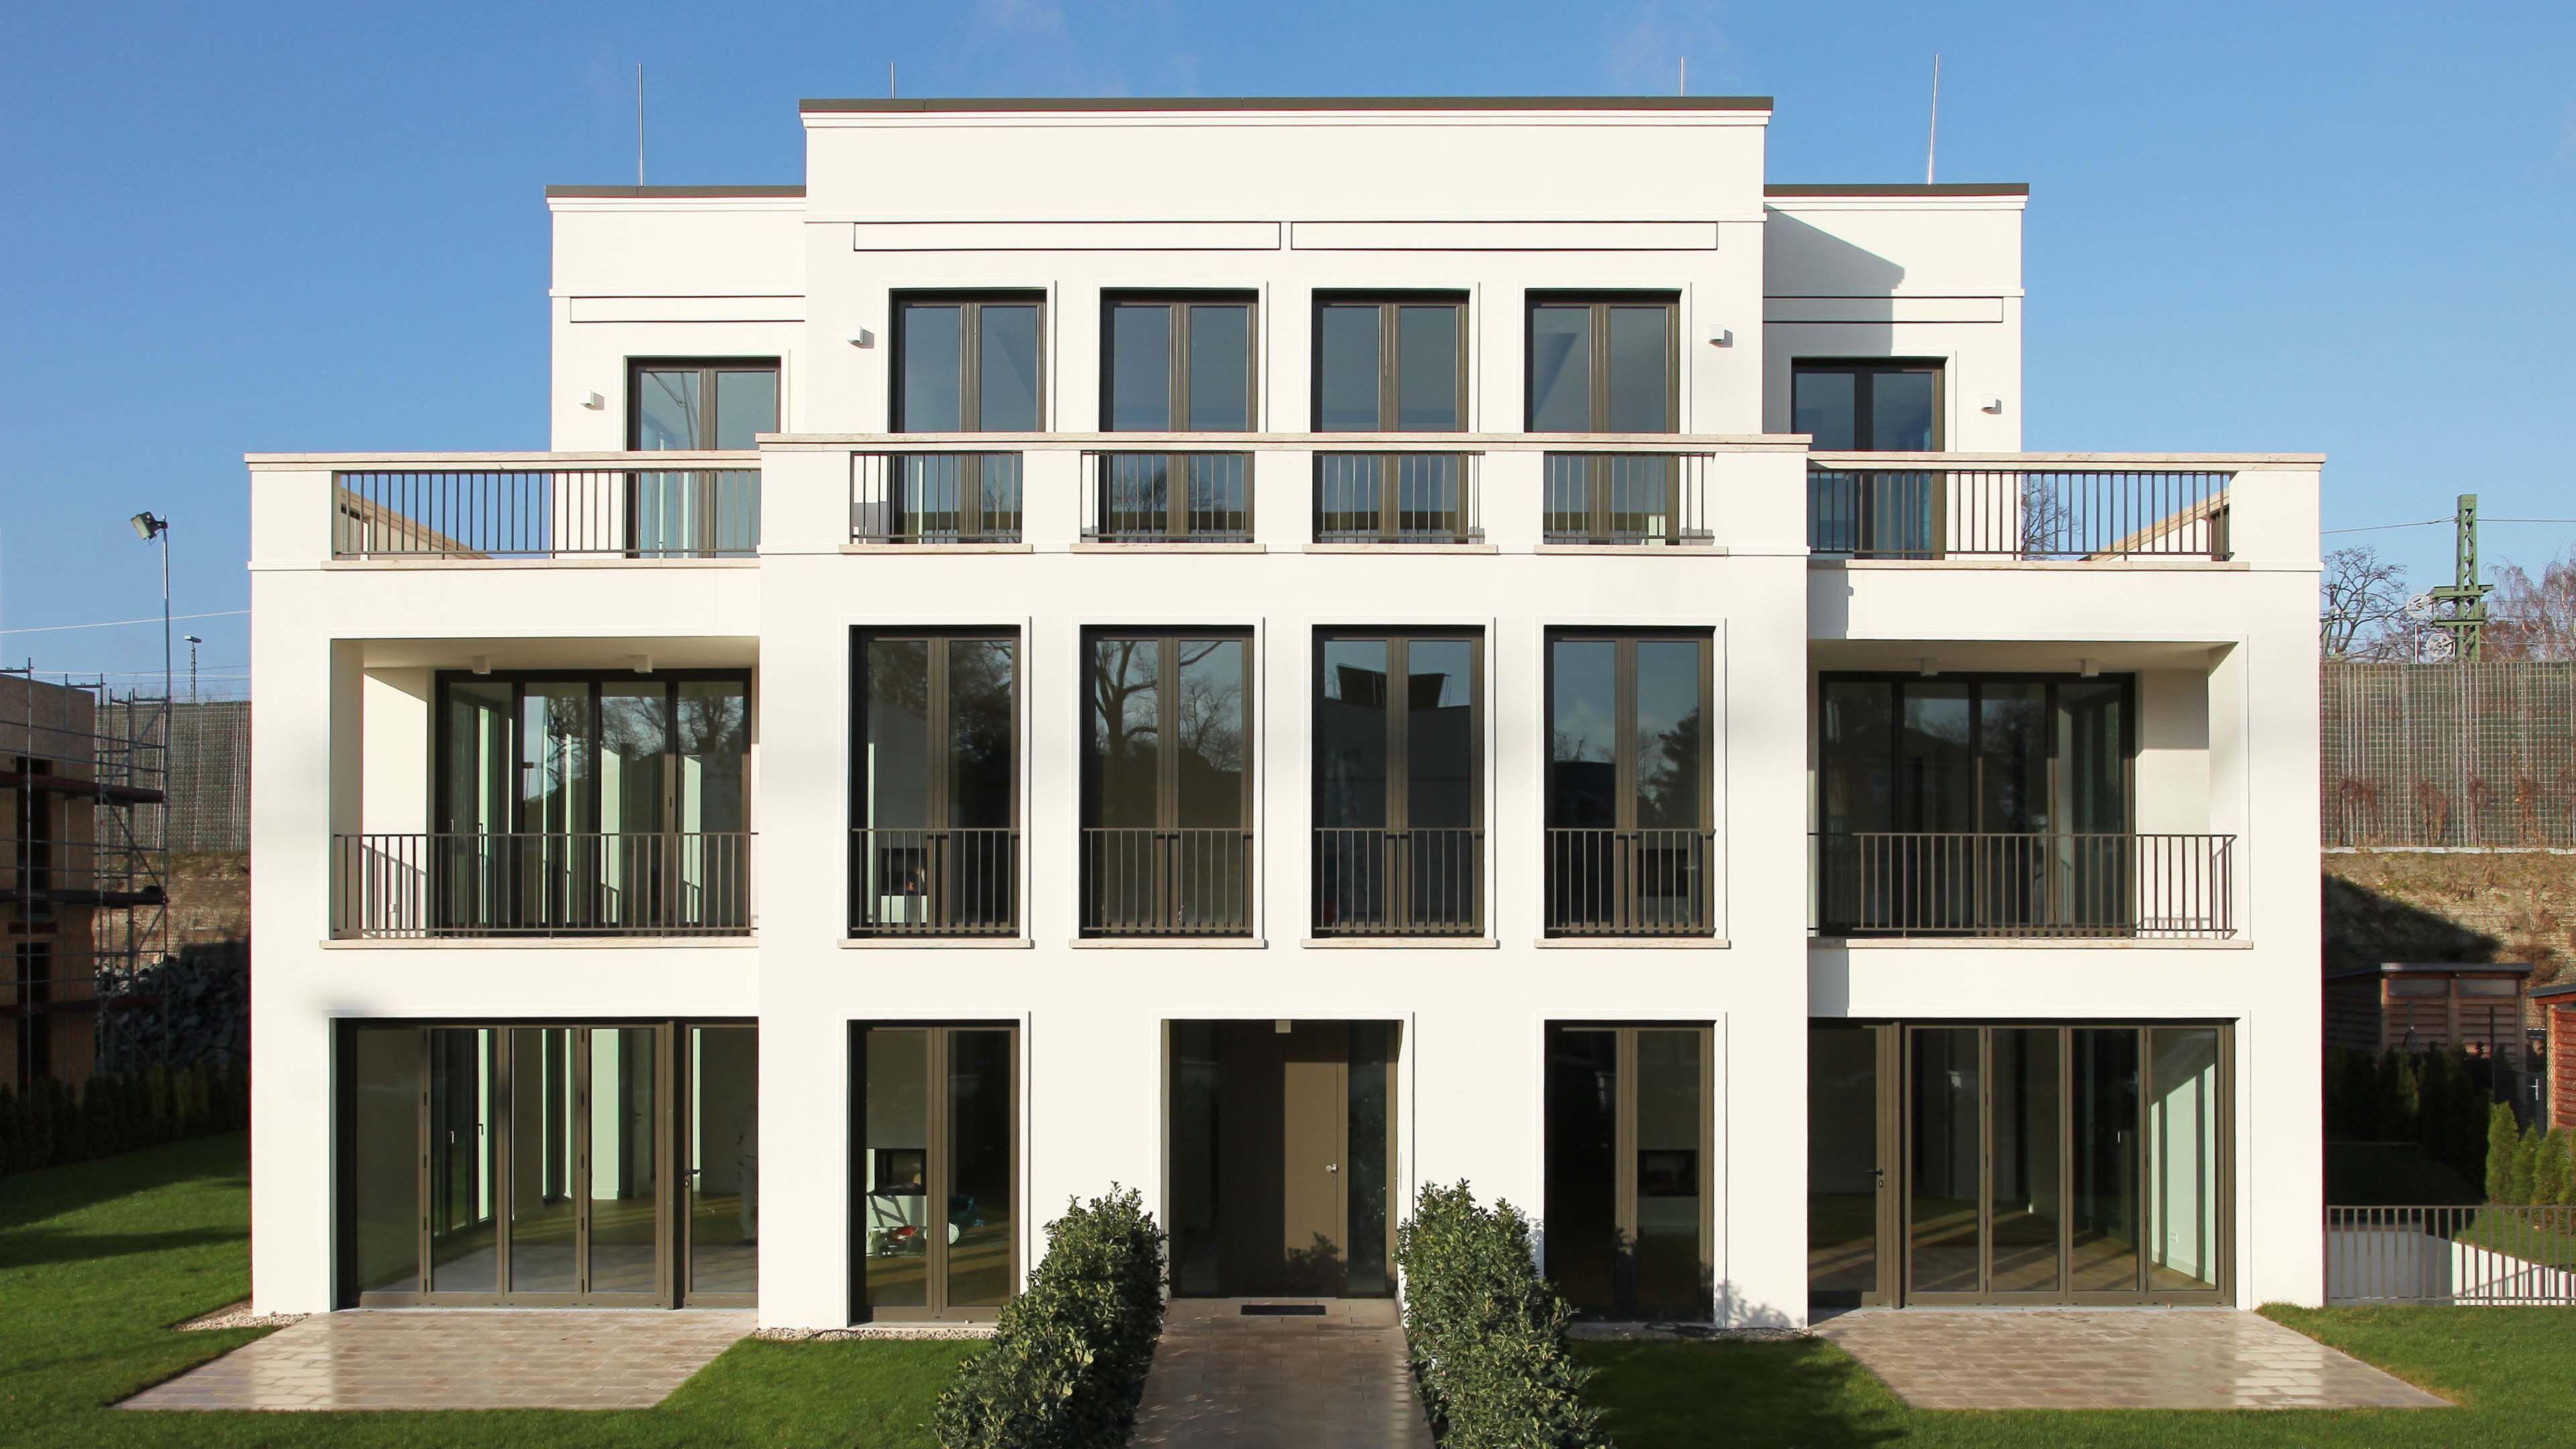 Villa rosensteinweg shsp architekten main fa ade for Architecture facade villa